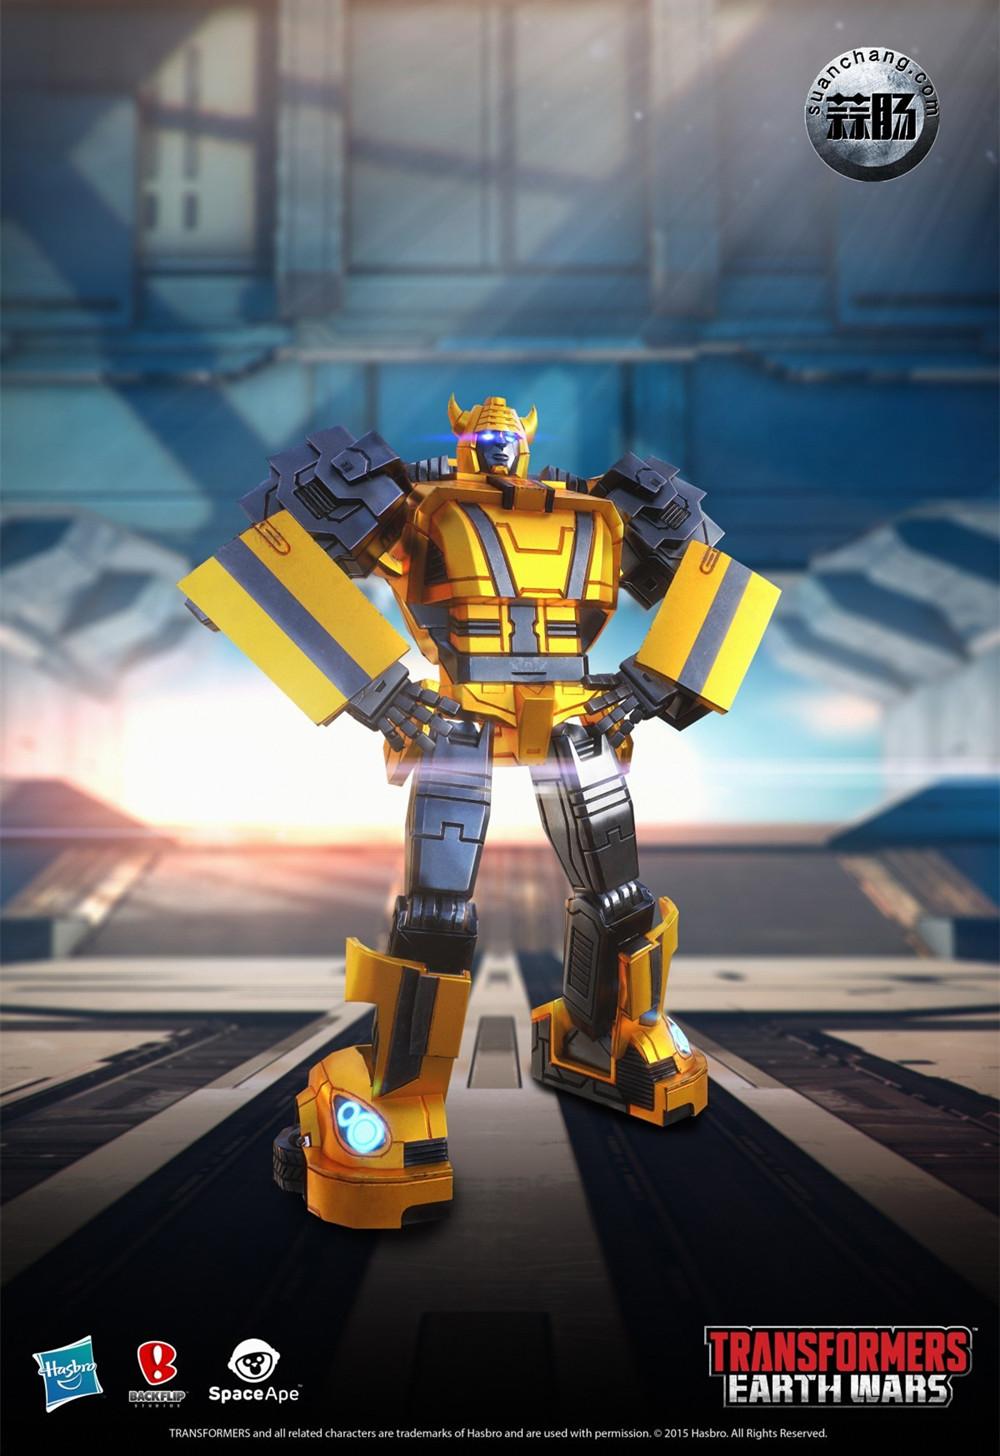 Transformers Earth Wars 游戏人物(一) 变形金刚 第2张